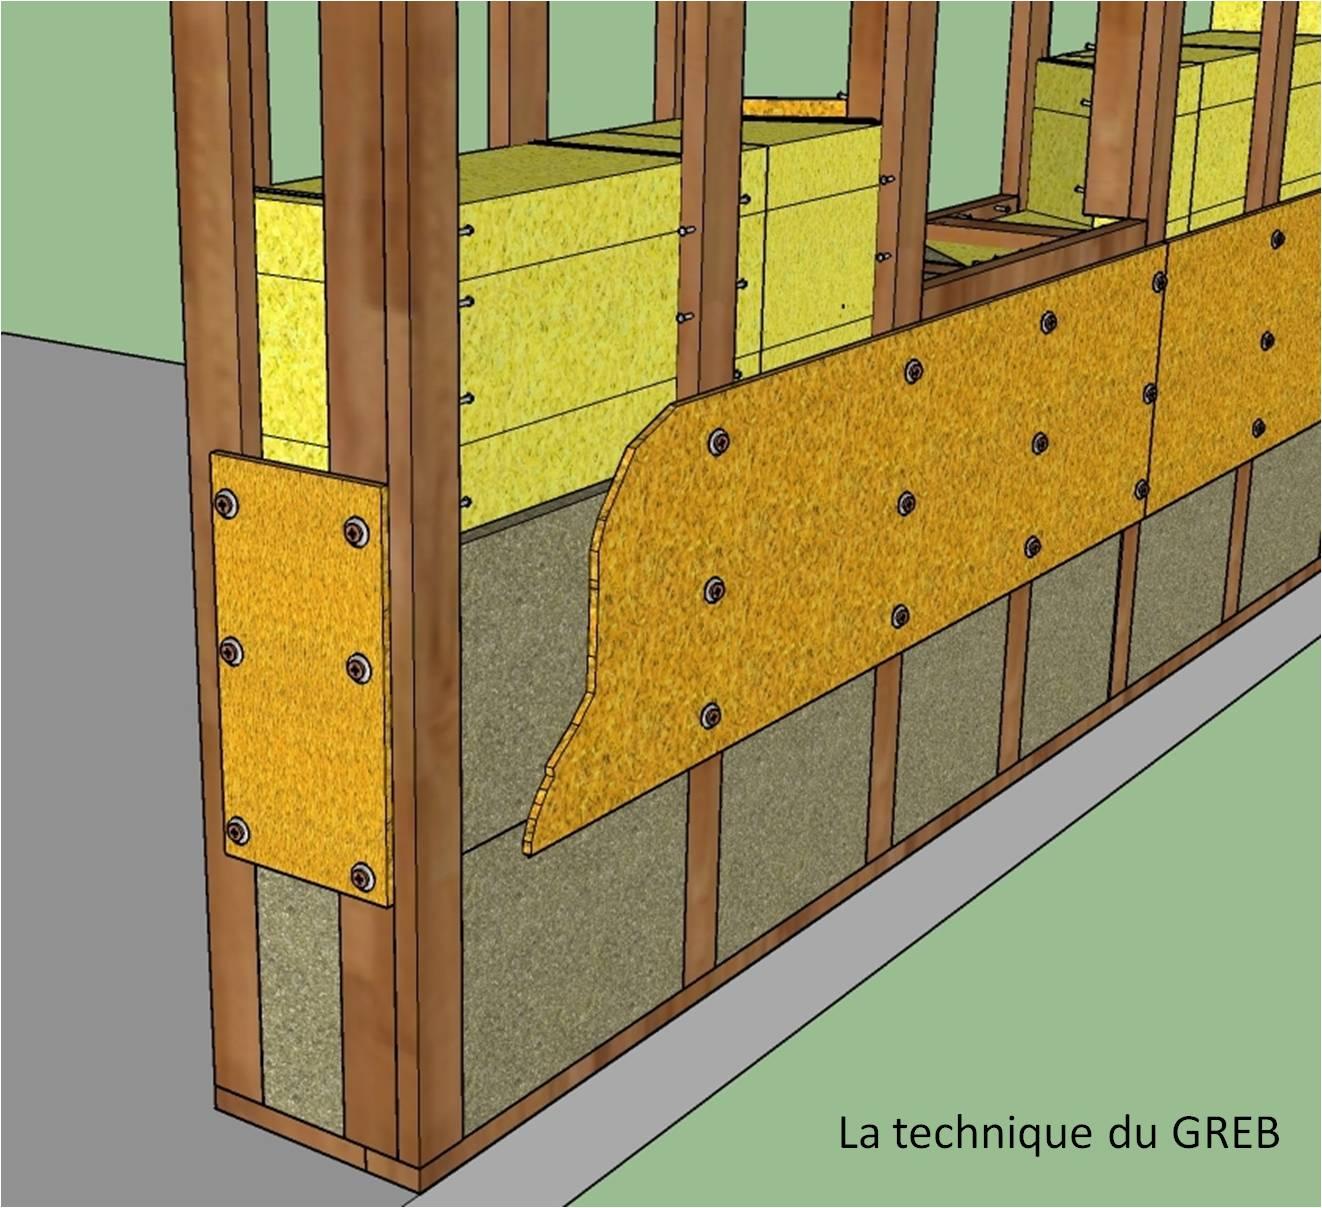 Mur Exterieur En Planche De Coffrage technique du greb — wikipédia